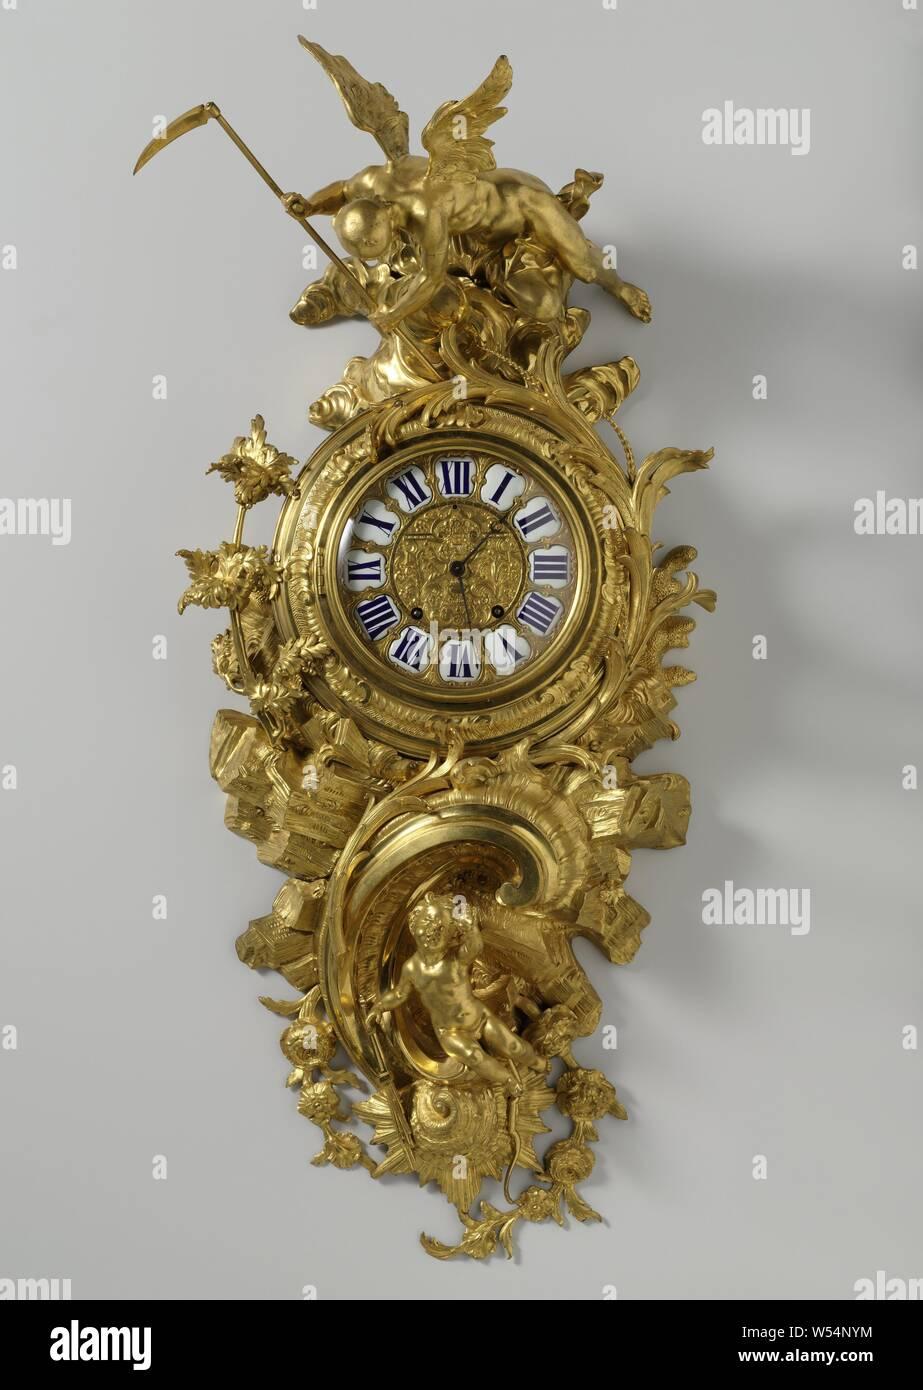 Man With Pendulum Clock Stock Photos & Man With Pendulum